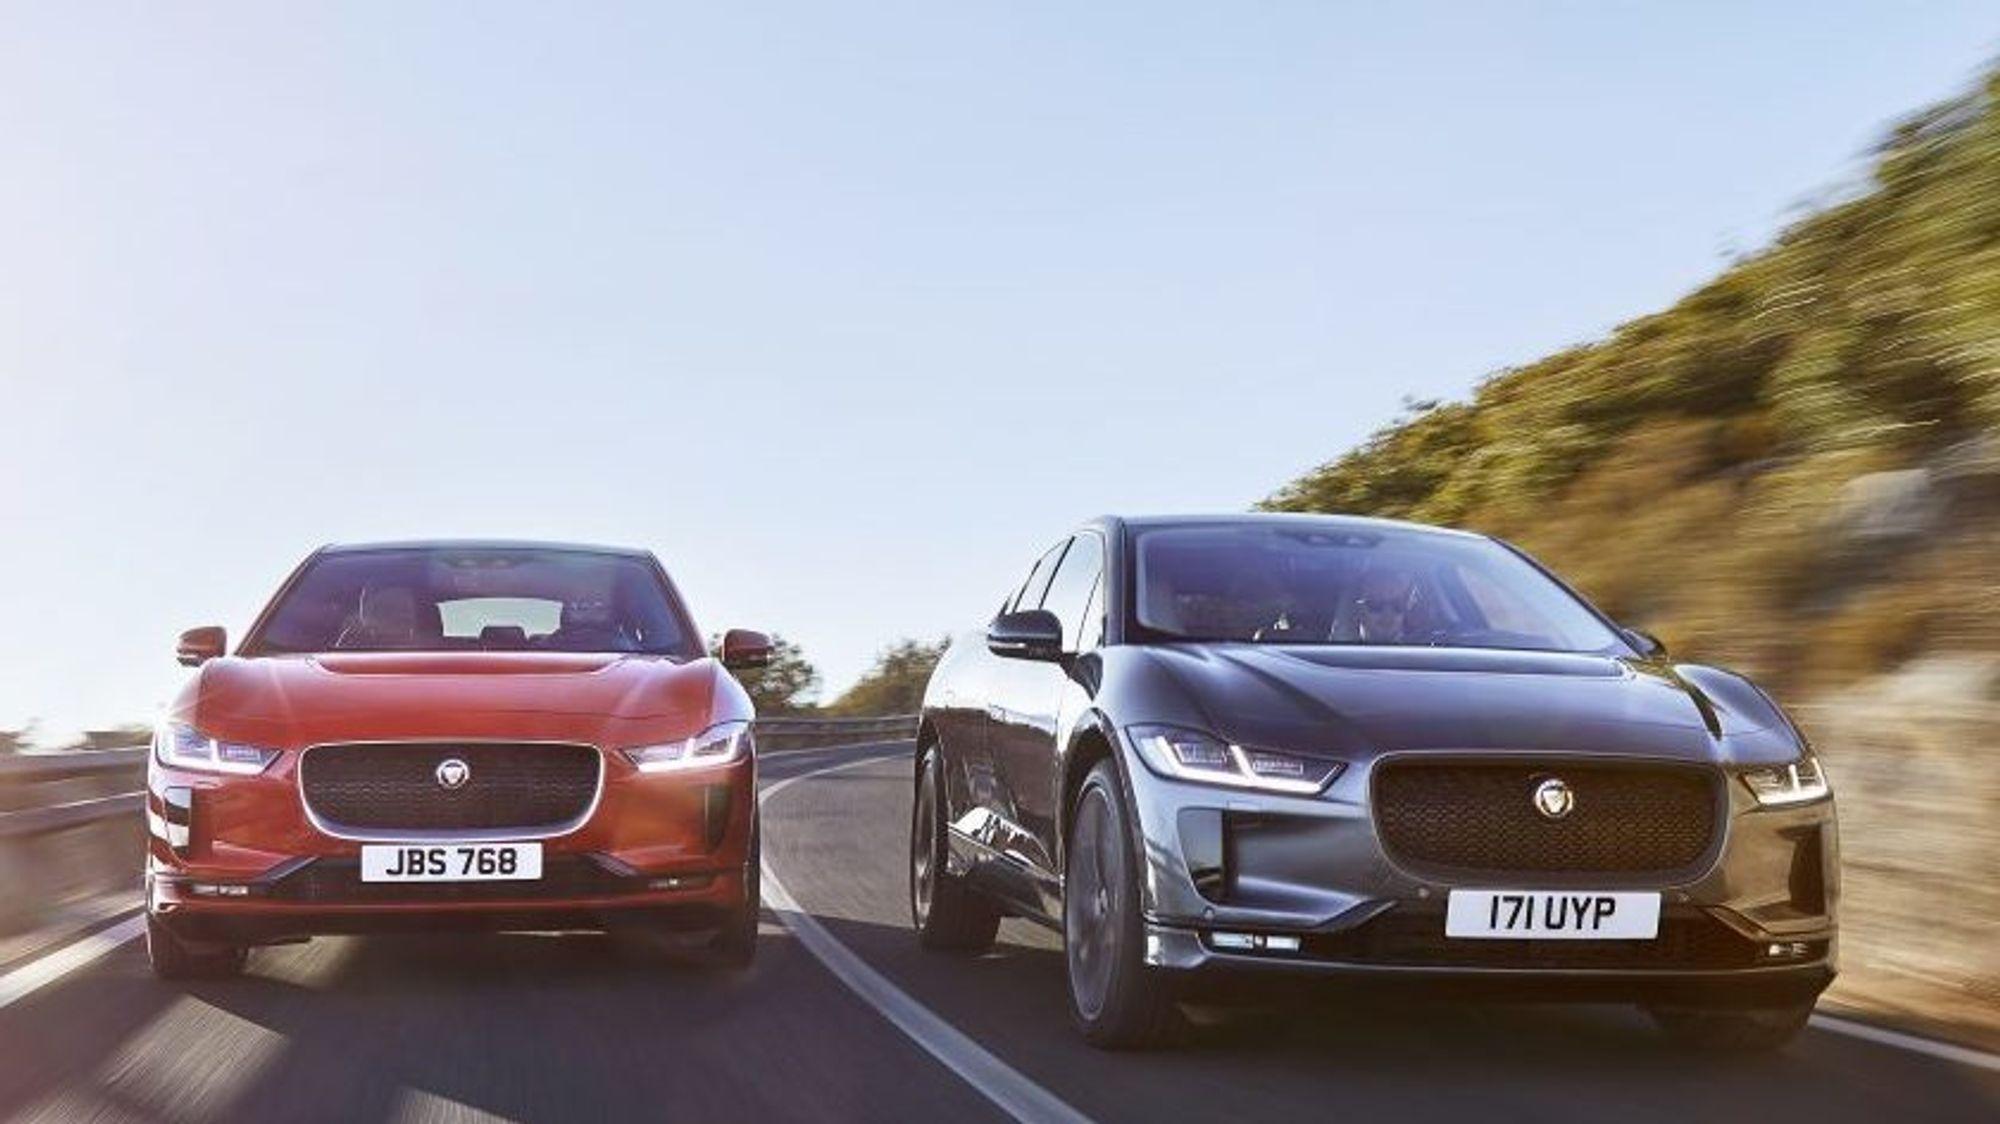 Storbritannia kan bli et viktigere marked for både Jaguar og ande elbilprodusenter når forbudet mot salg av nye fossilbiler skal innføres fem år før planen.